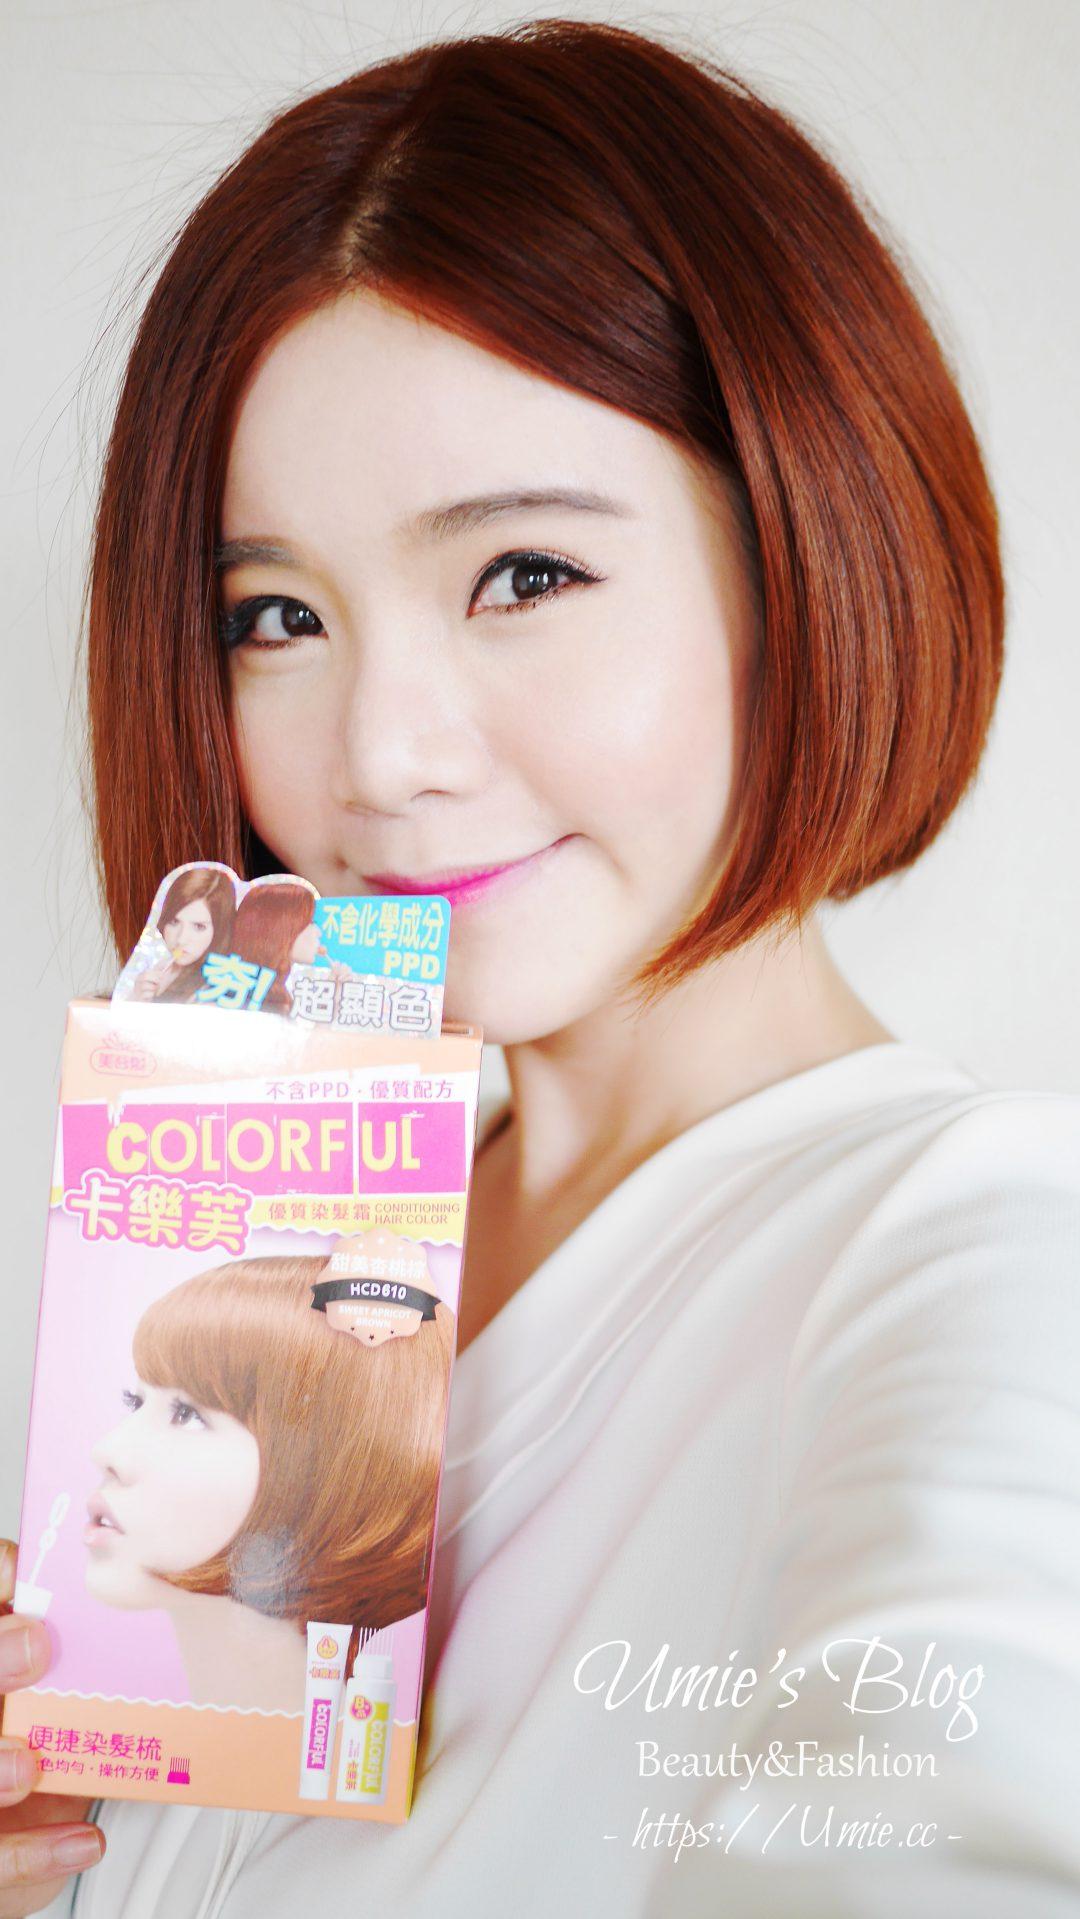 染髮劑推薦|超顯色卡樂芙染髮霜!#甜美杏桃棕 實際自己染髮教學文!